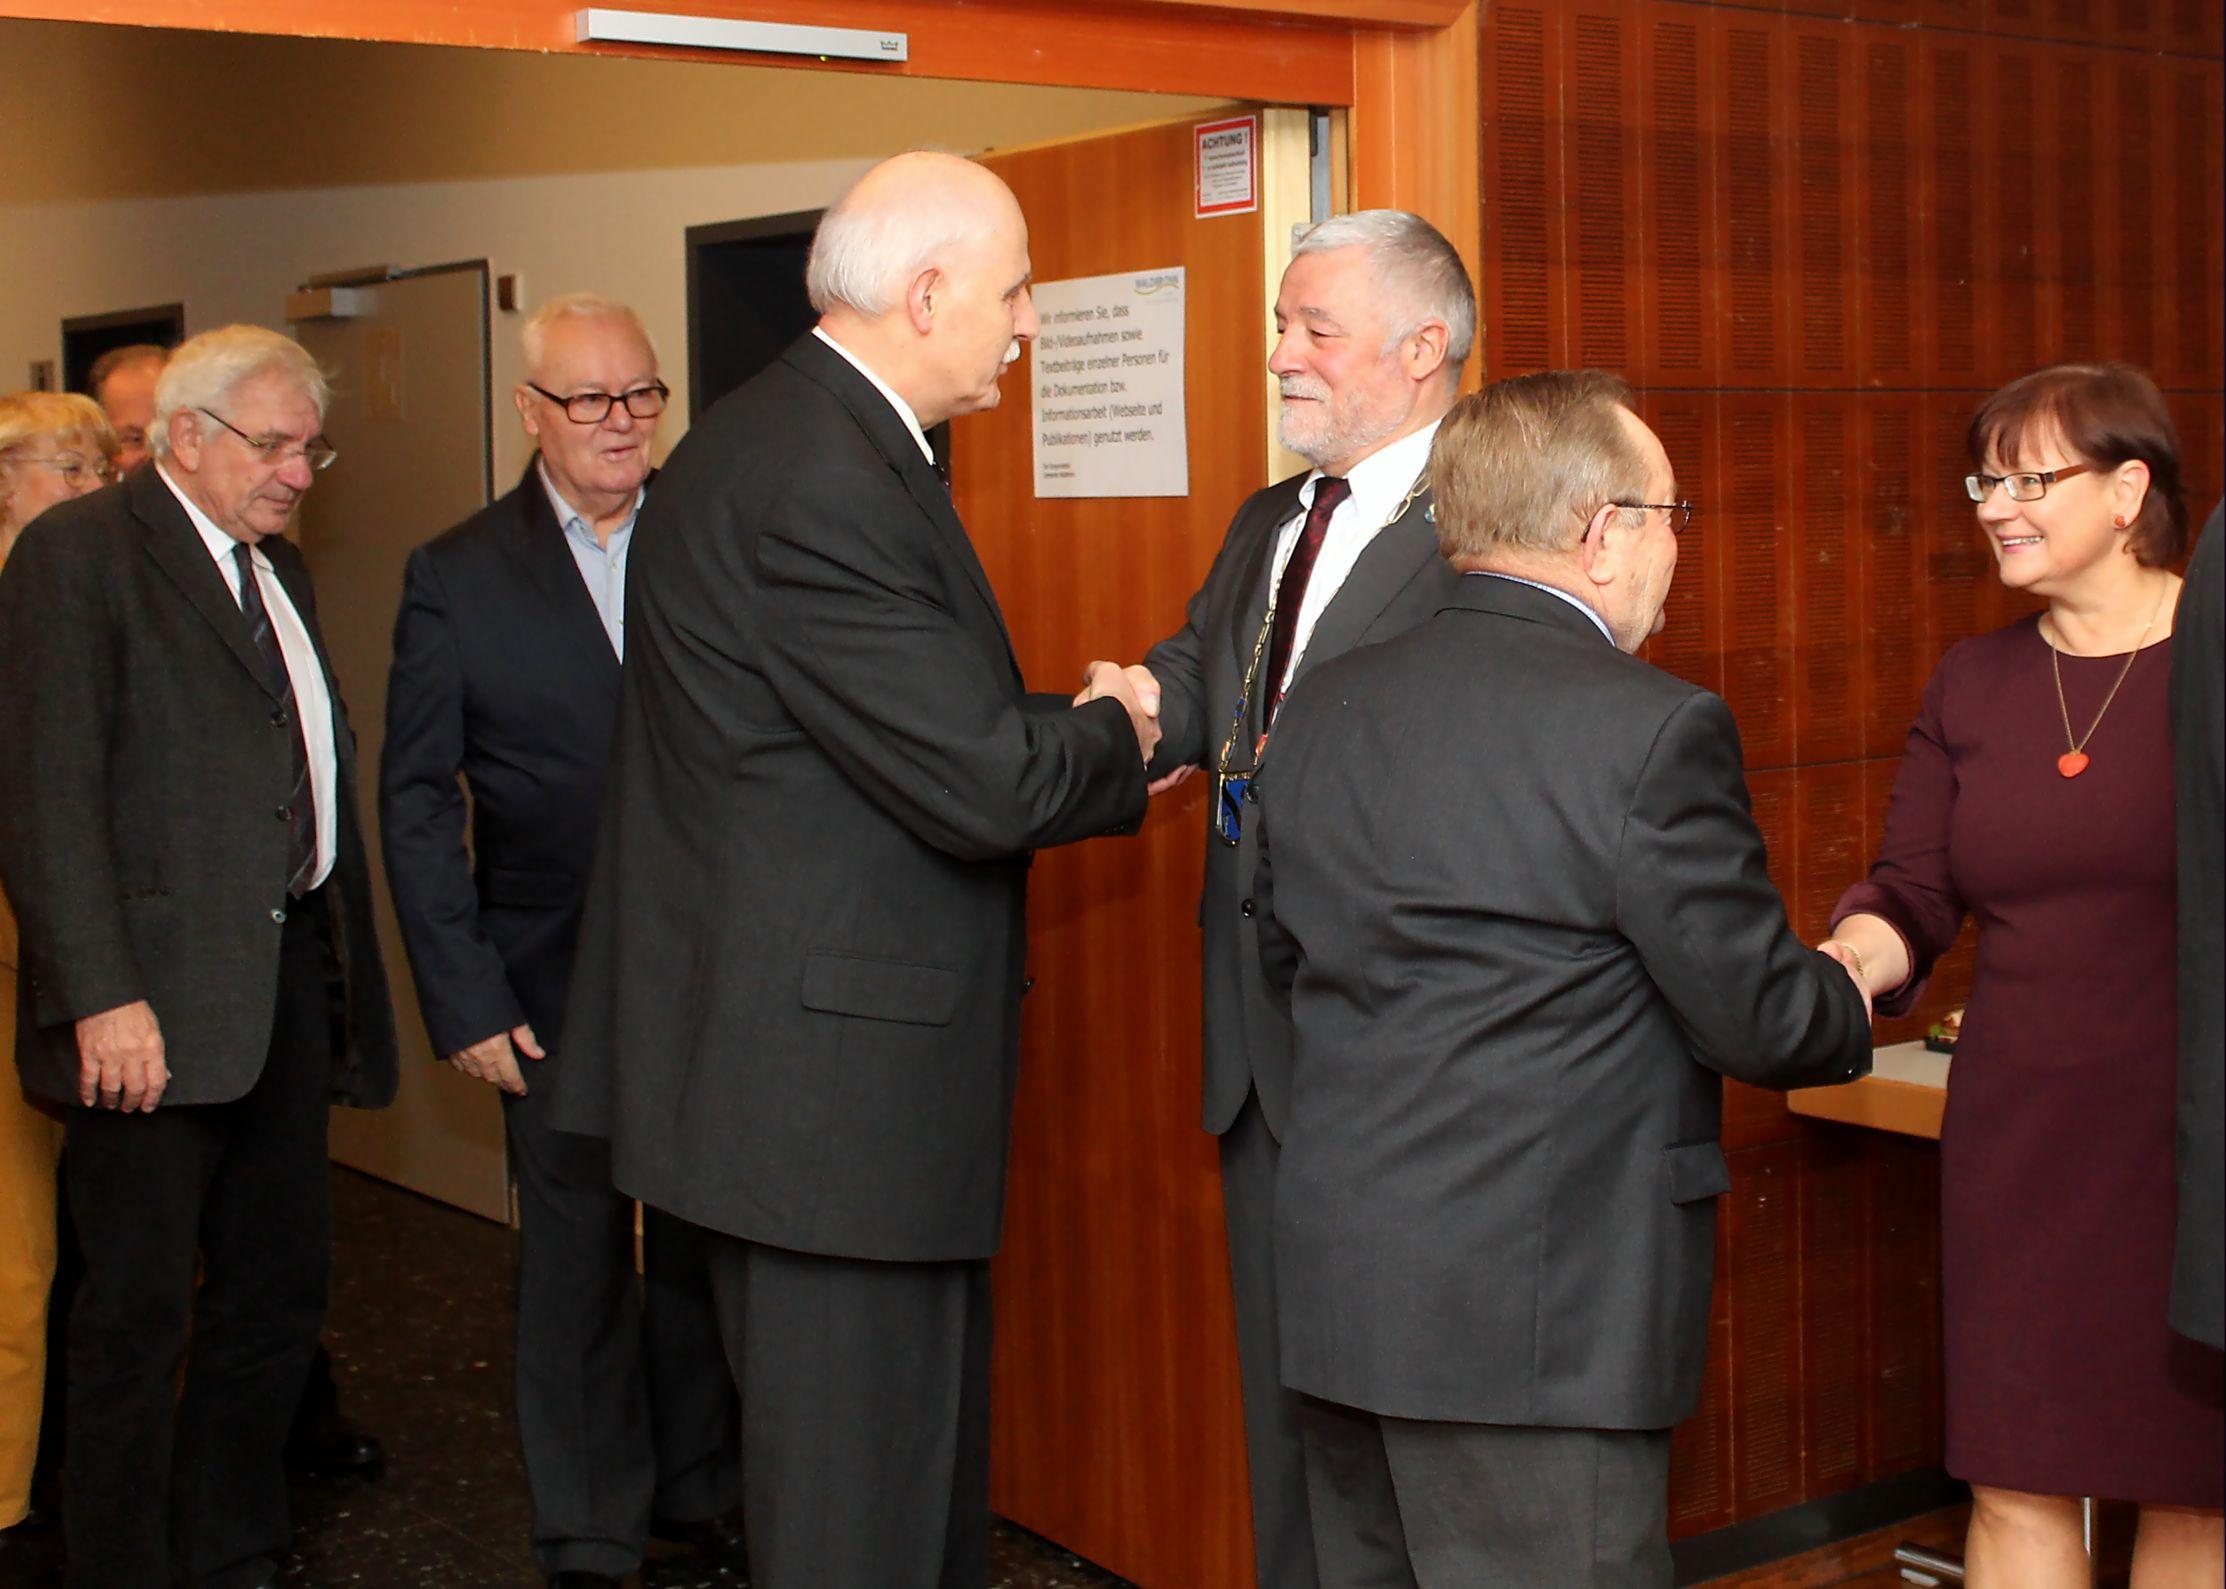 Bürgermeister Franz Masino und seine Ehefrau Michaela begrüßten die Gäste persönlich am Eingang des Kurhaussaales.